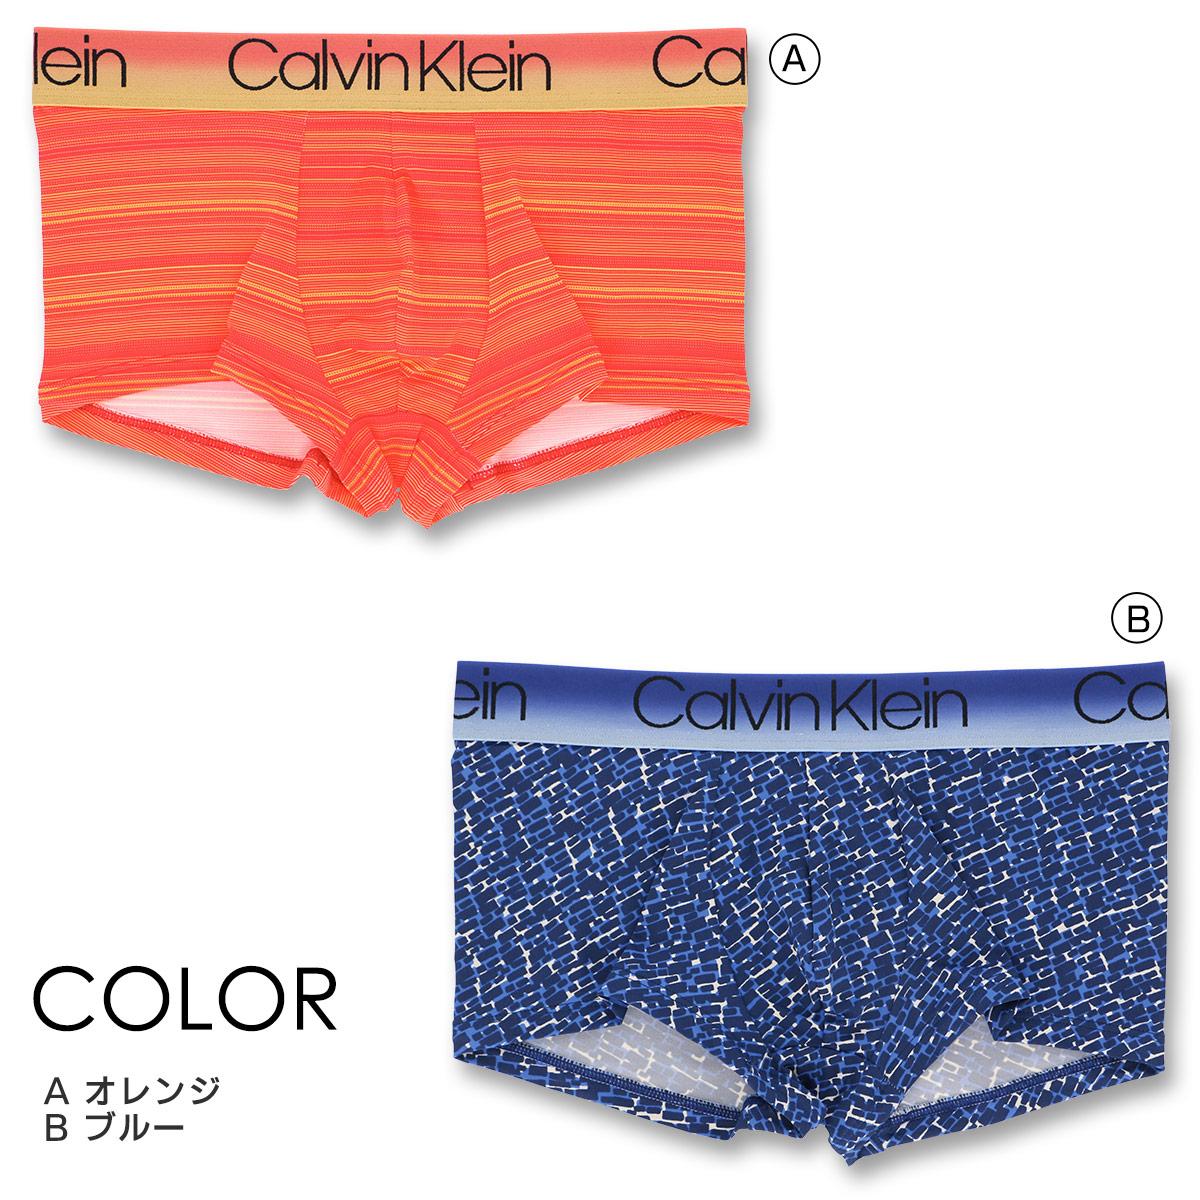 Calvin Klein Jaws Horizon Micro カルバンクライン ジョーズホライズン マイクロ ローライズ ボクサーパンツ 5360-2321 NB2321 日本サイズ(M・L) 男性 メンズ プレゼント 贈答 ギフト【箱なしゆうパケット・2点まで】